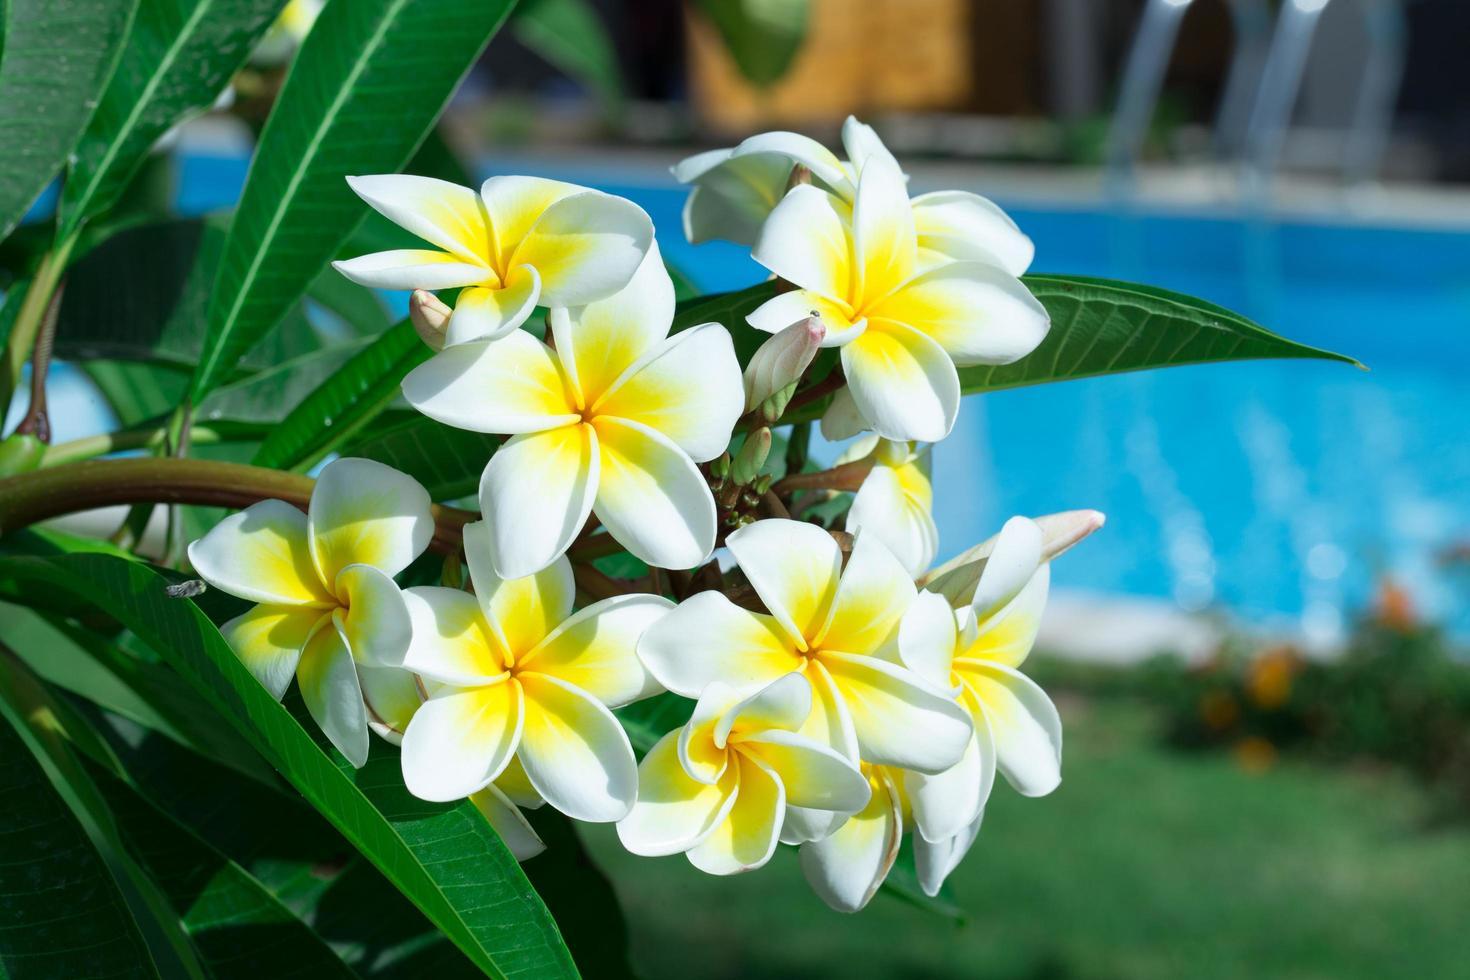 fiori di frangipani su un albero in giardino foto